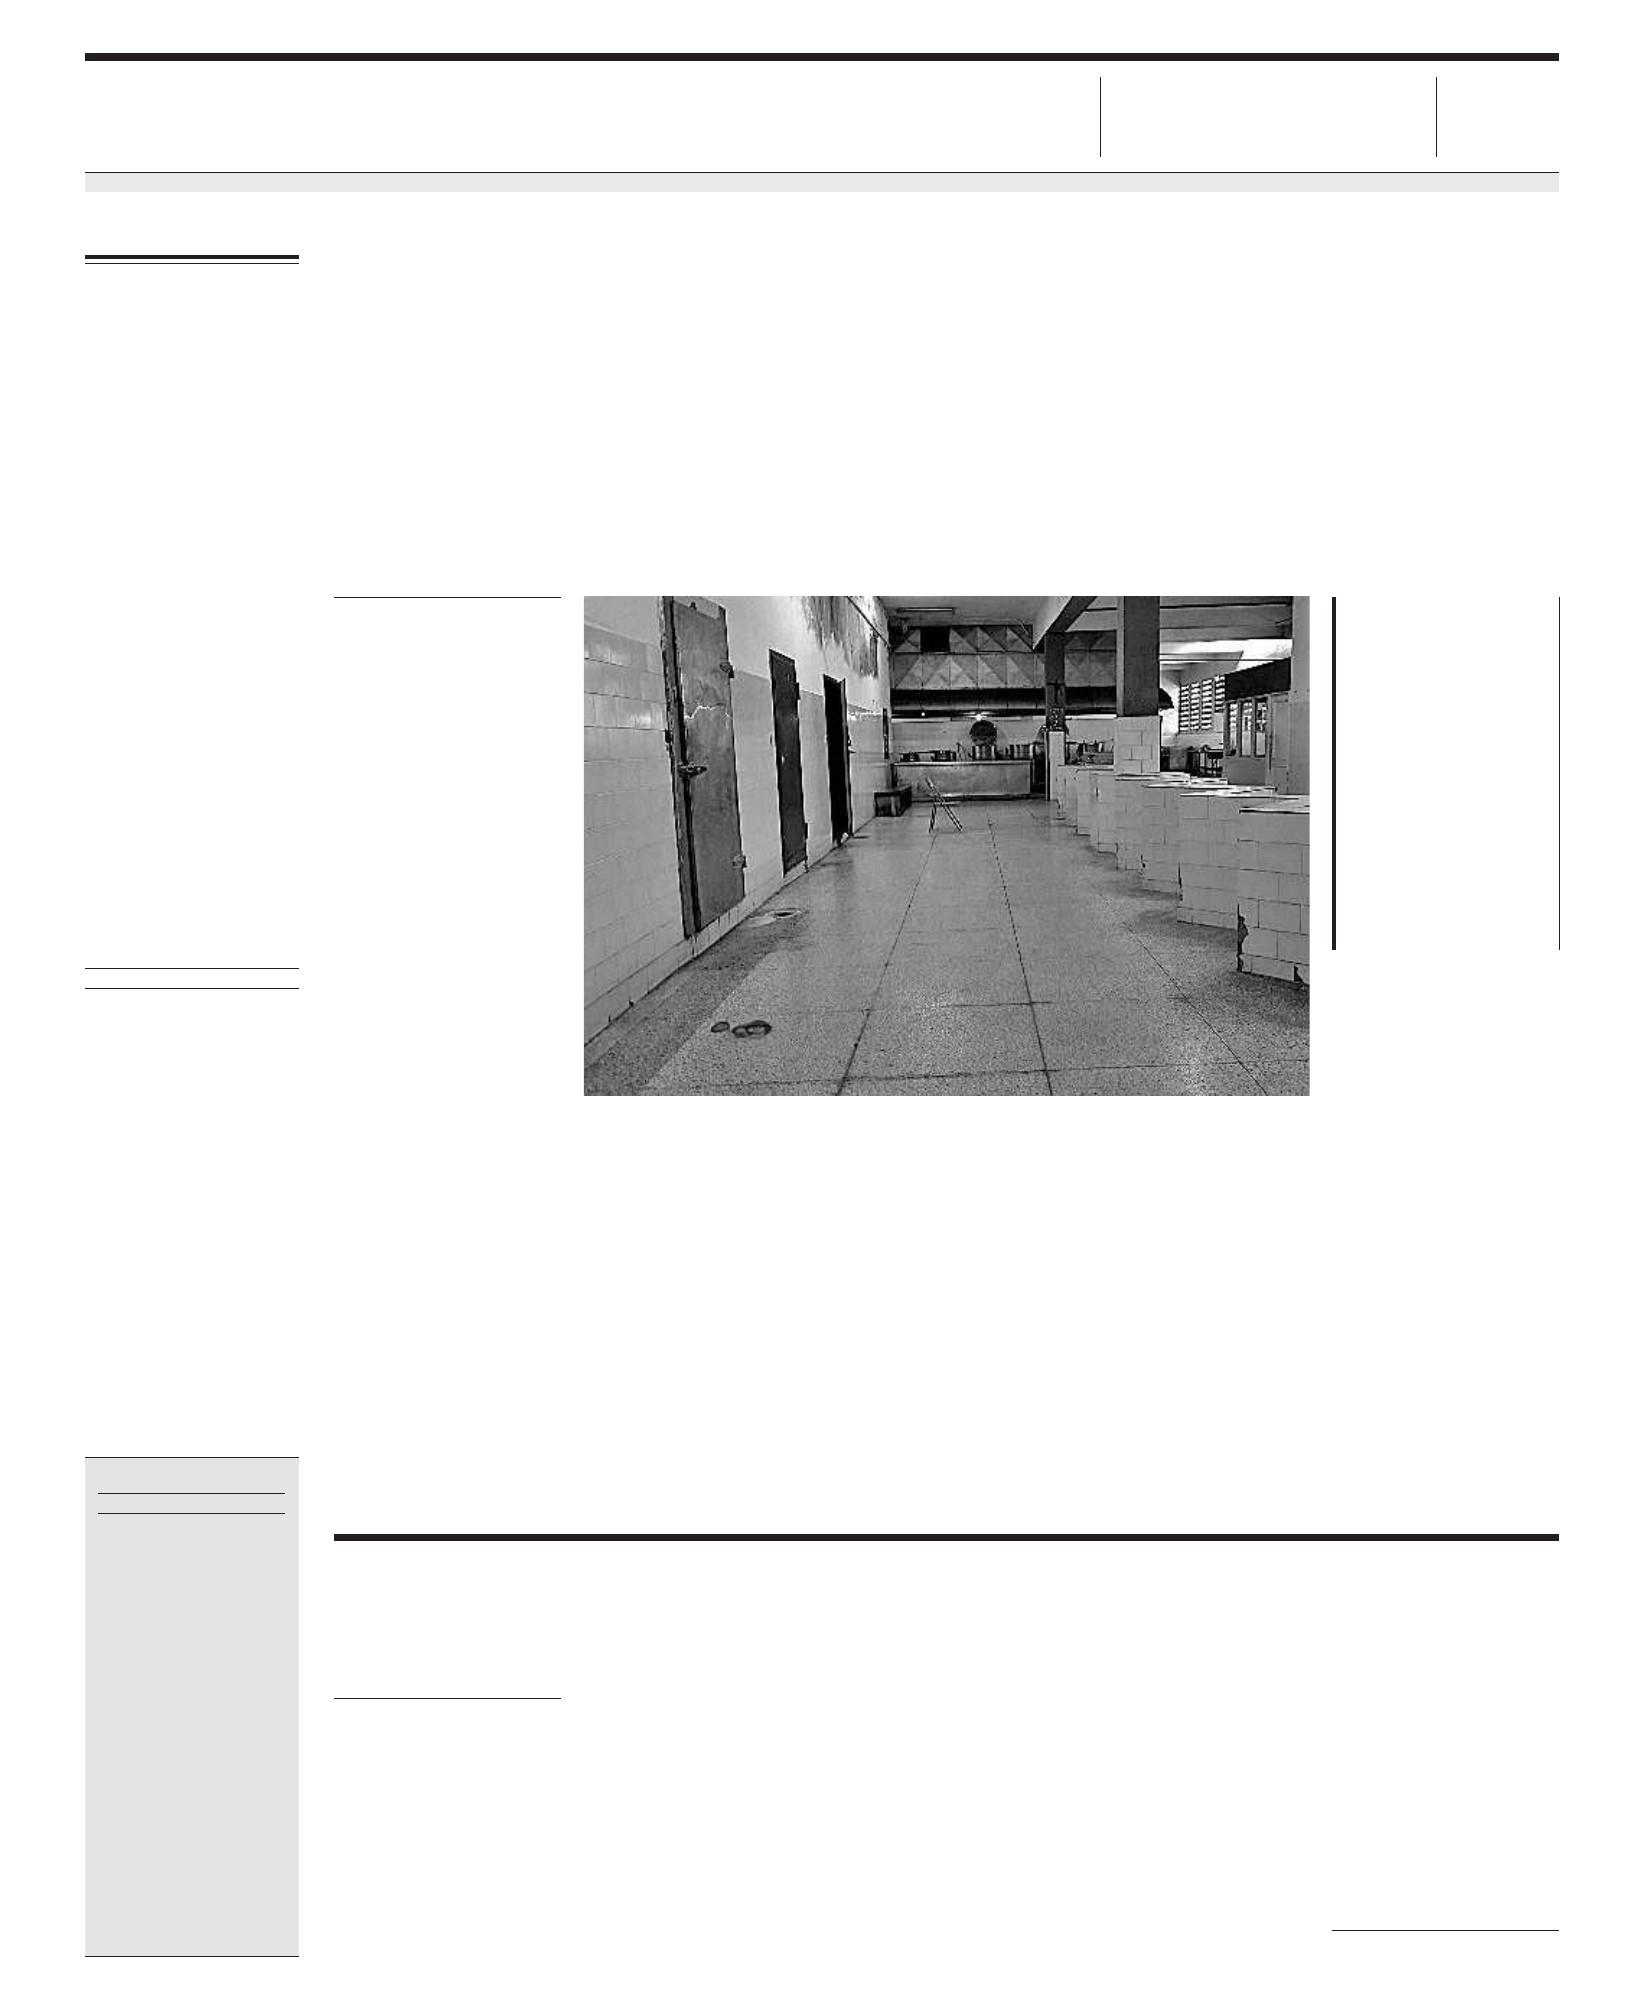 Calendario 2019 Com Feriados Portugal Pdf Más Arriba-a-fecha [pdf Document] Of Calendario 2019 Com Feriados Portugal Pdf Más Caliente 2019 January Calendar Template and 2019 Printable Calendar Pages